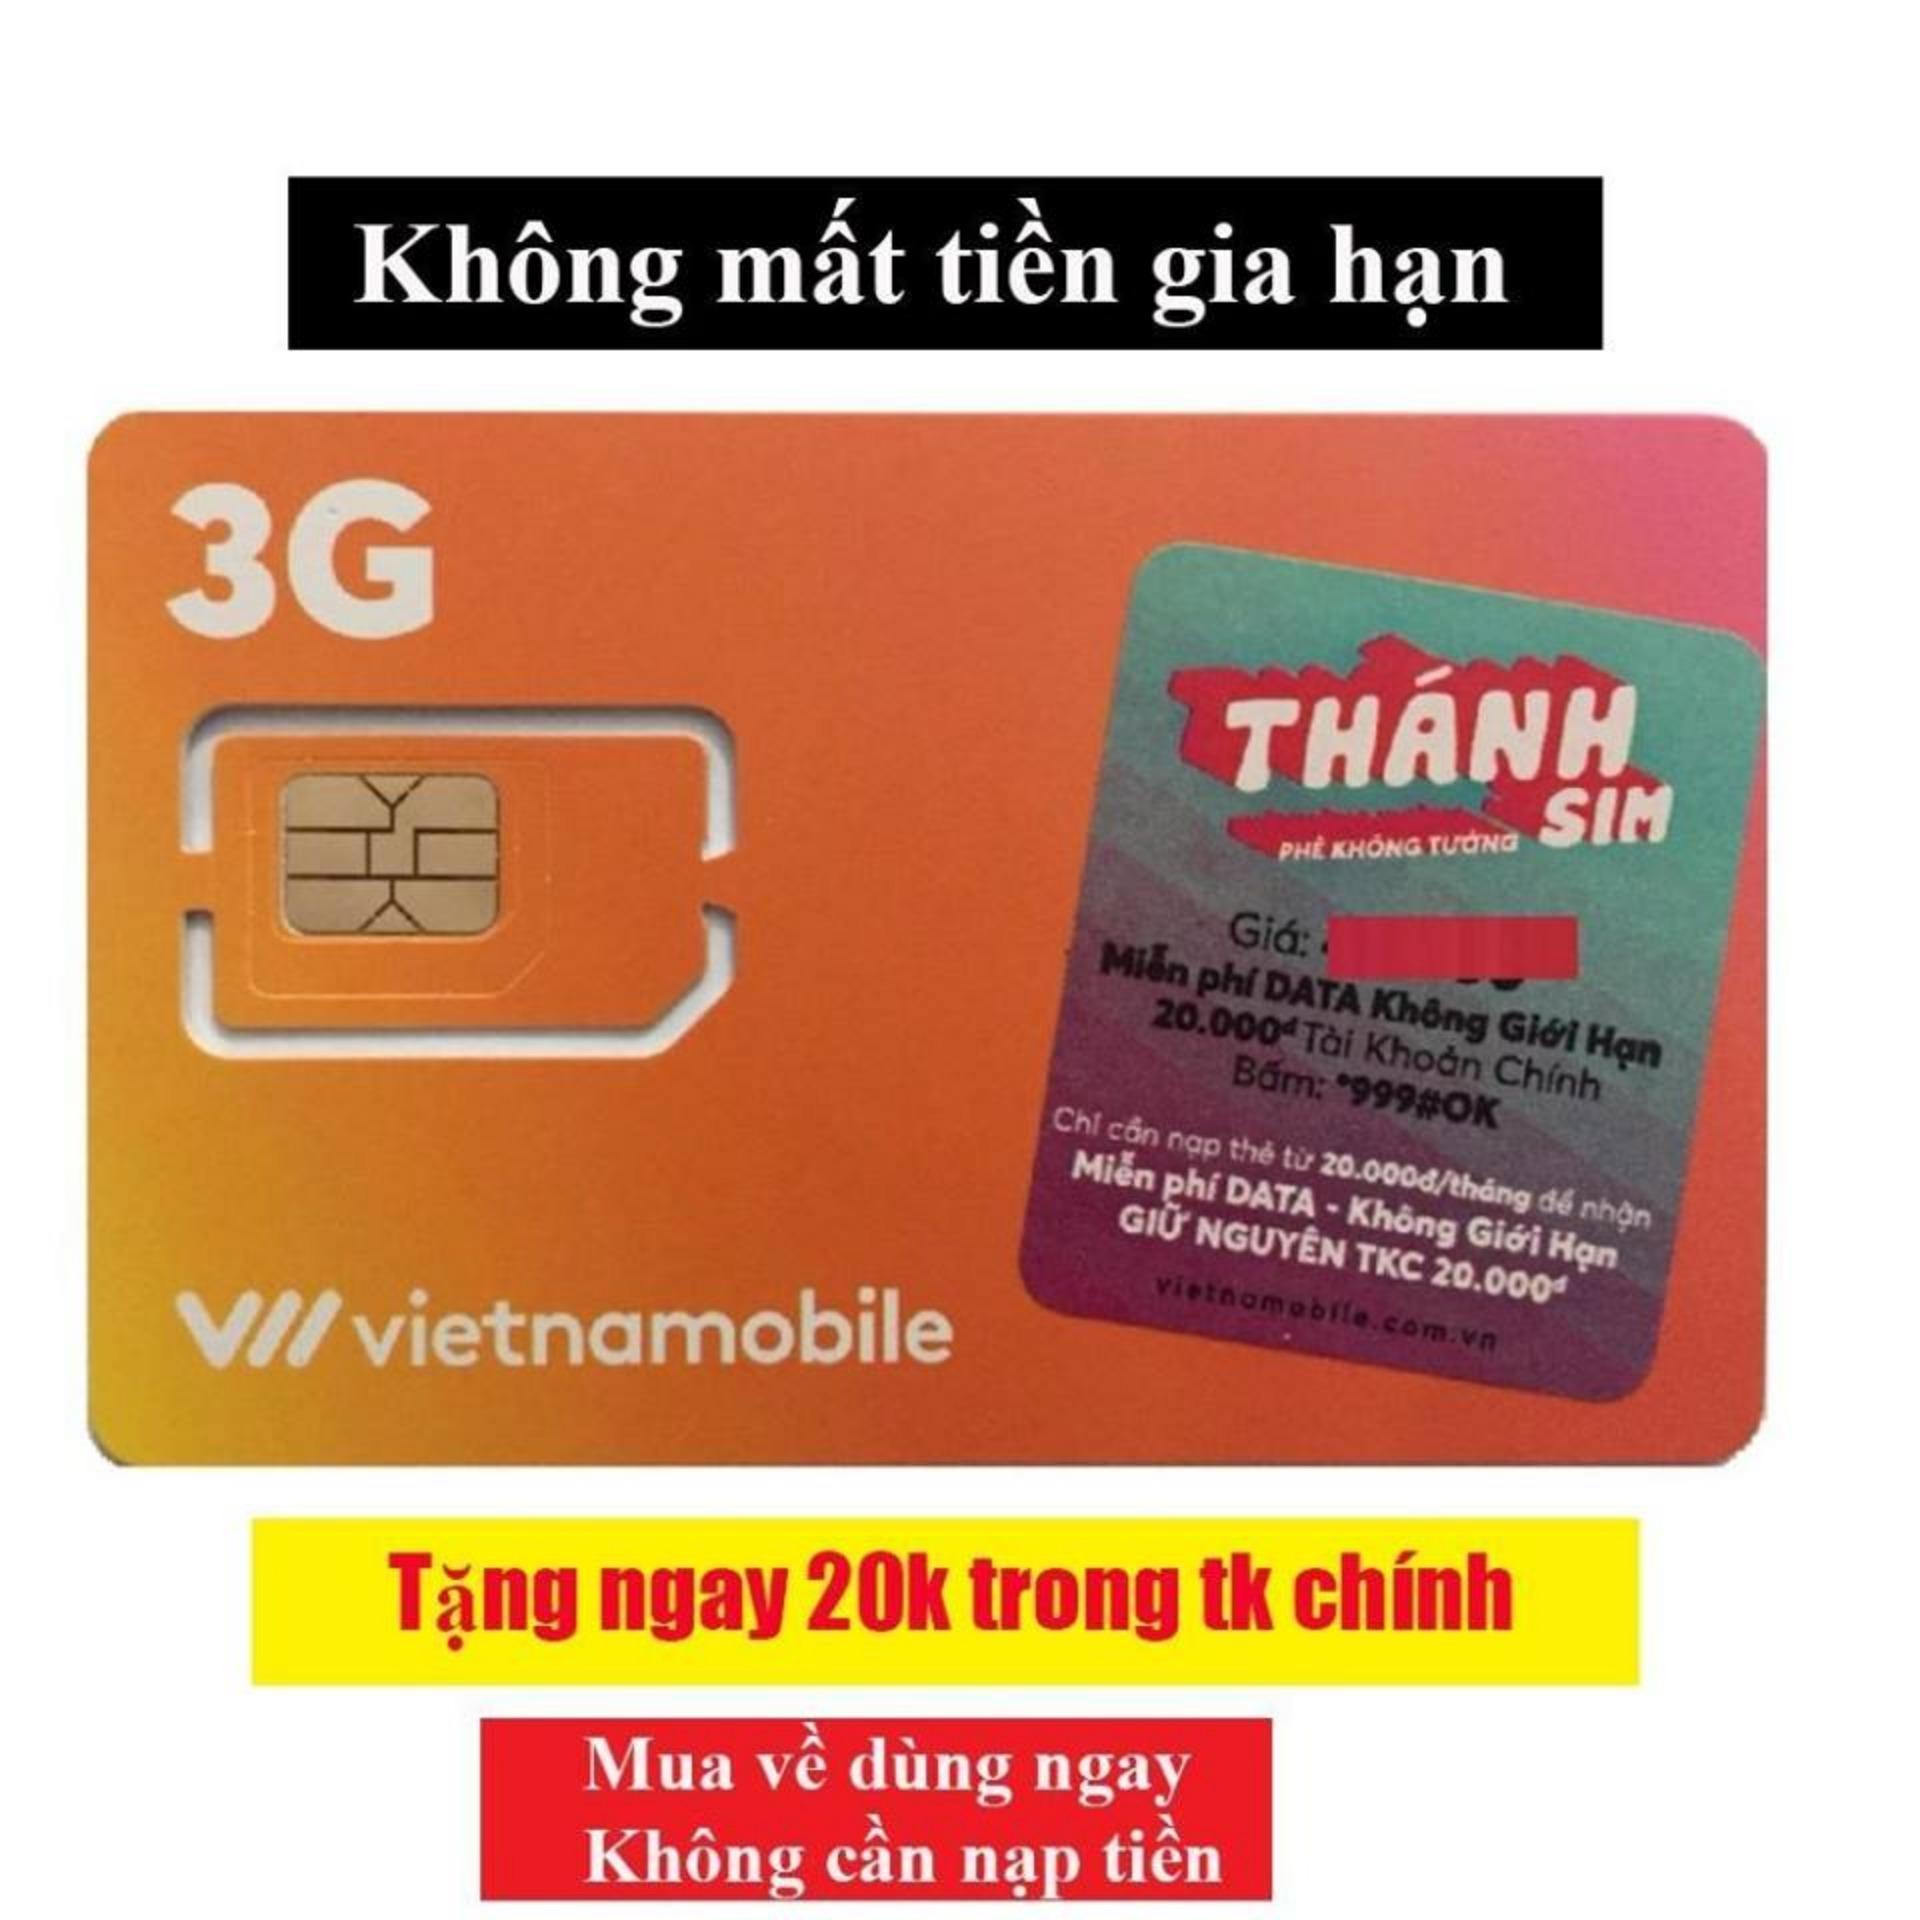 Thánh sim 3G Vietnamobile - MIỄN PHÍ SHIP - FREE 4Gb/ngày